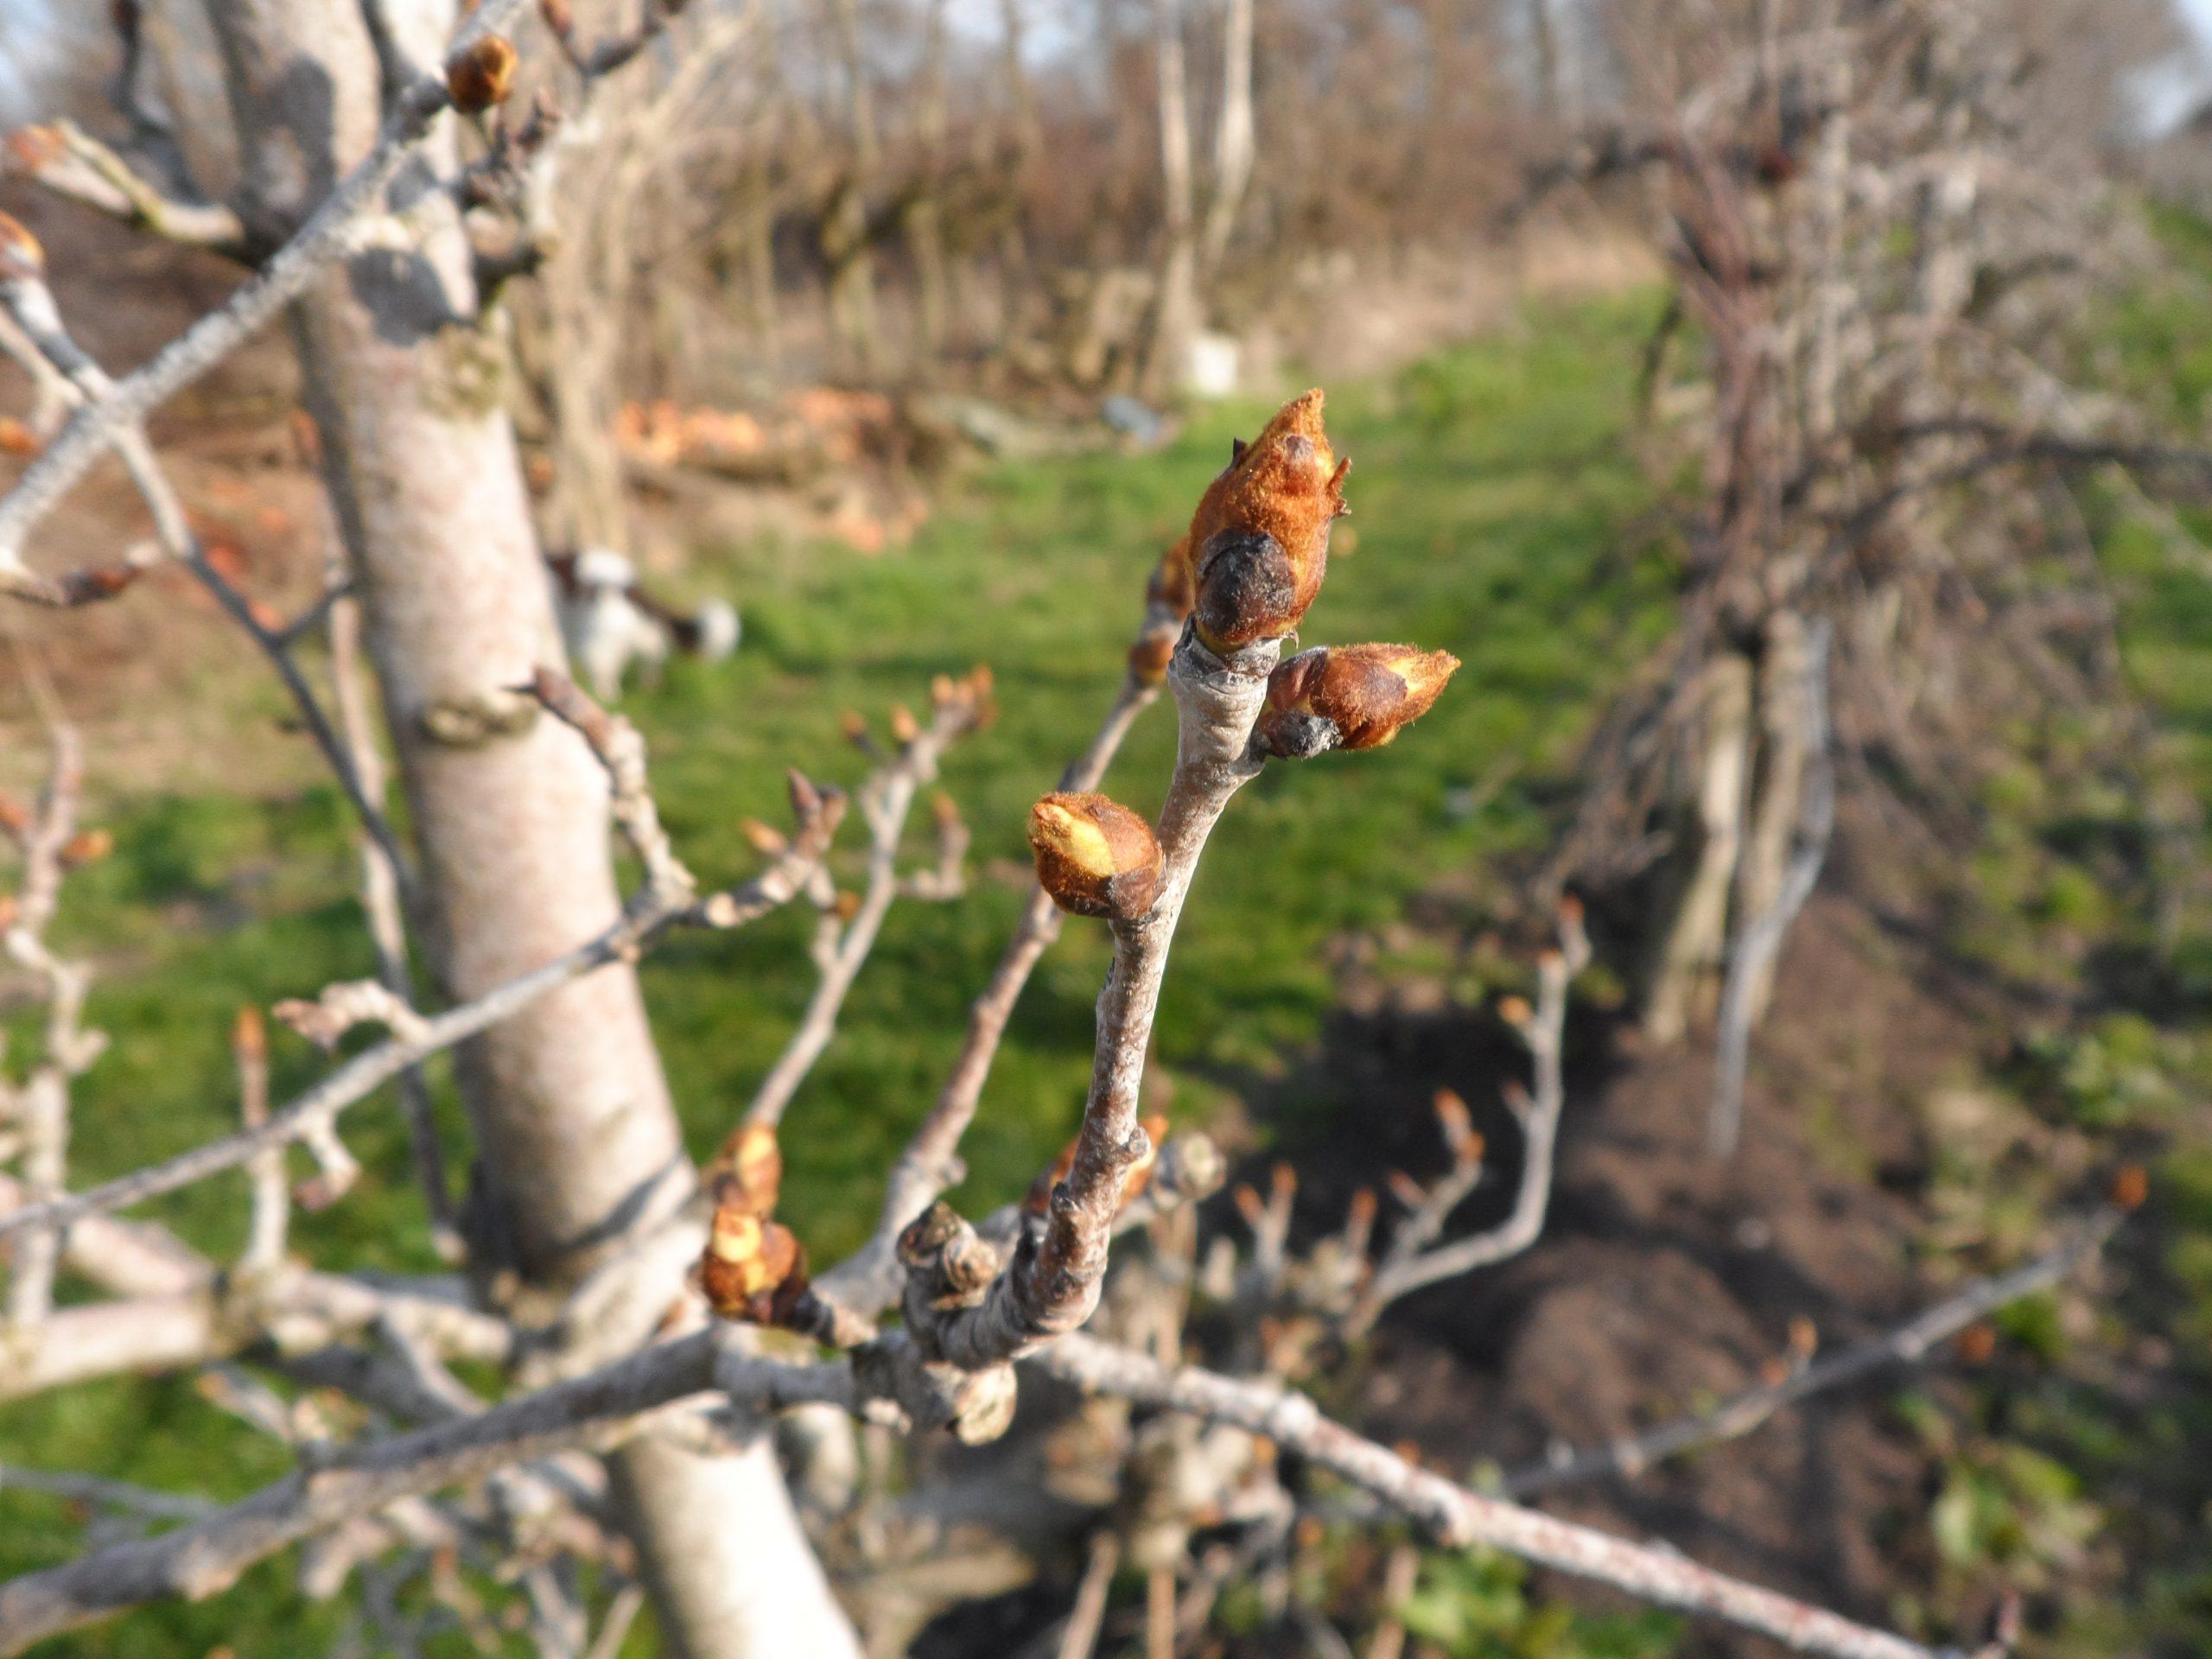 Knoppen gaan schuiven, de lente begint